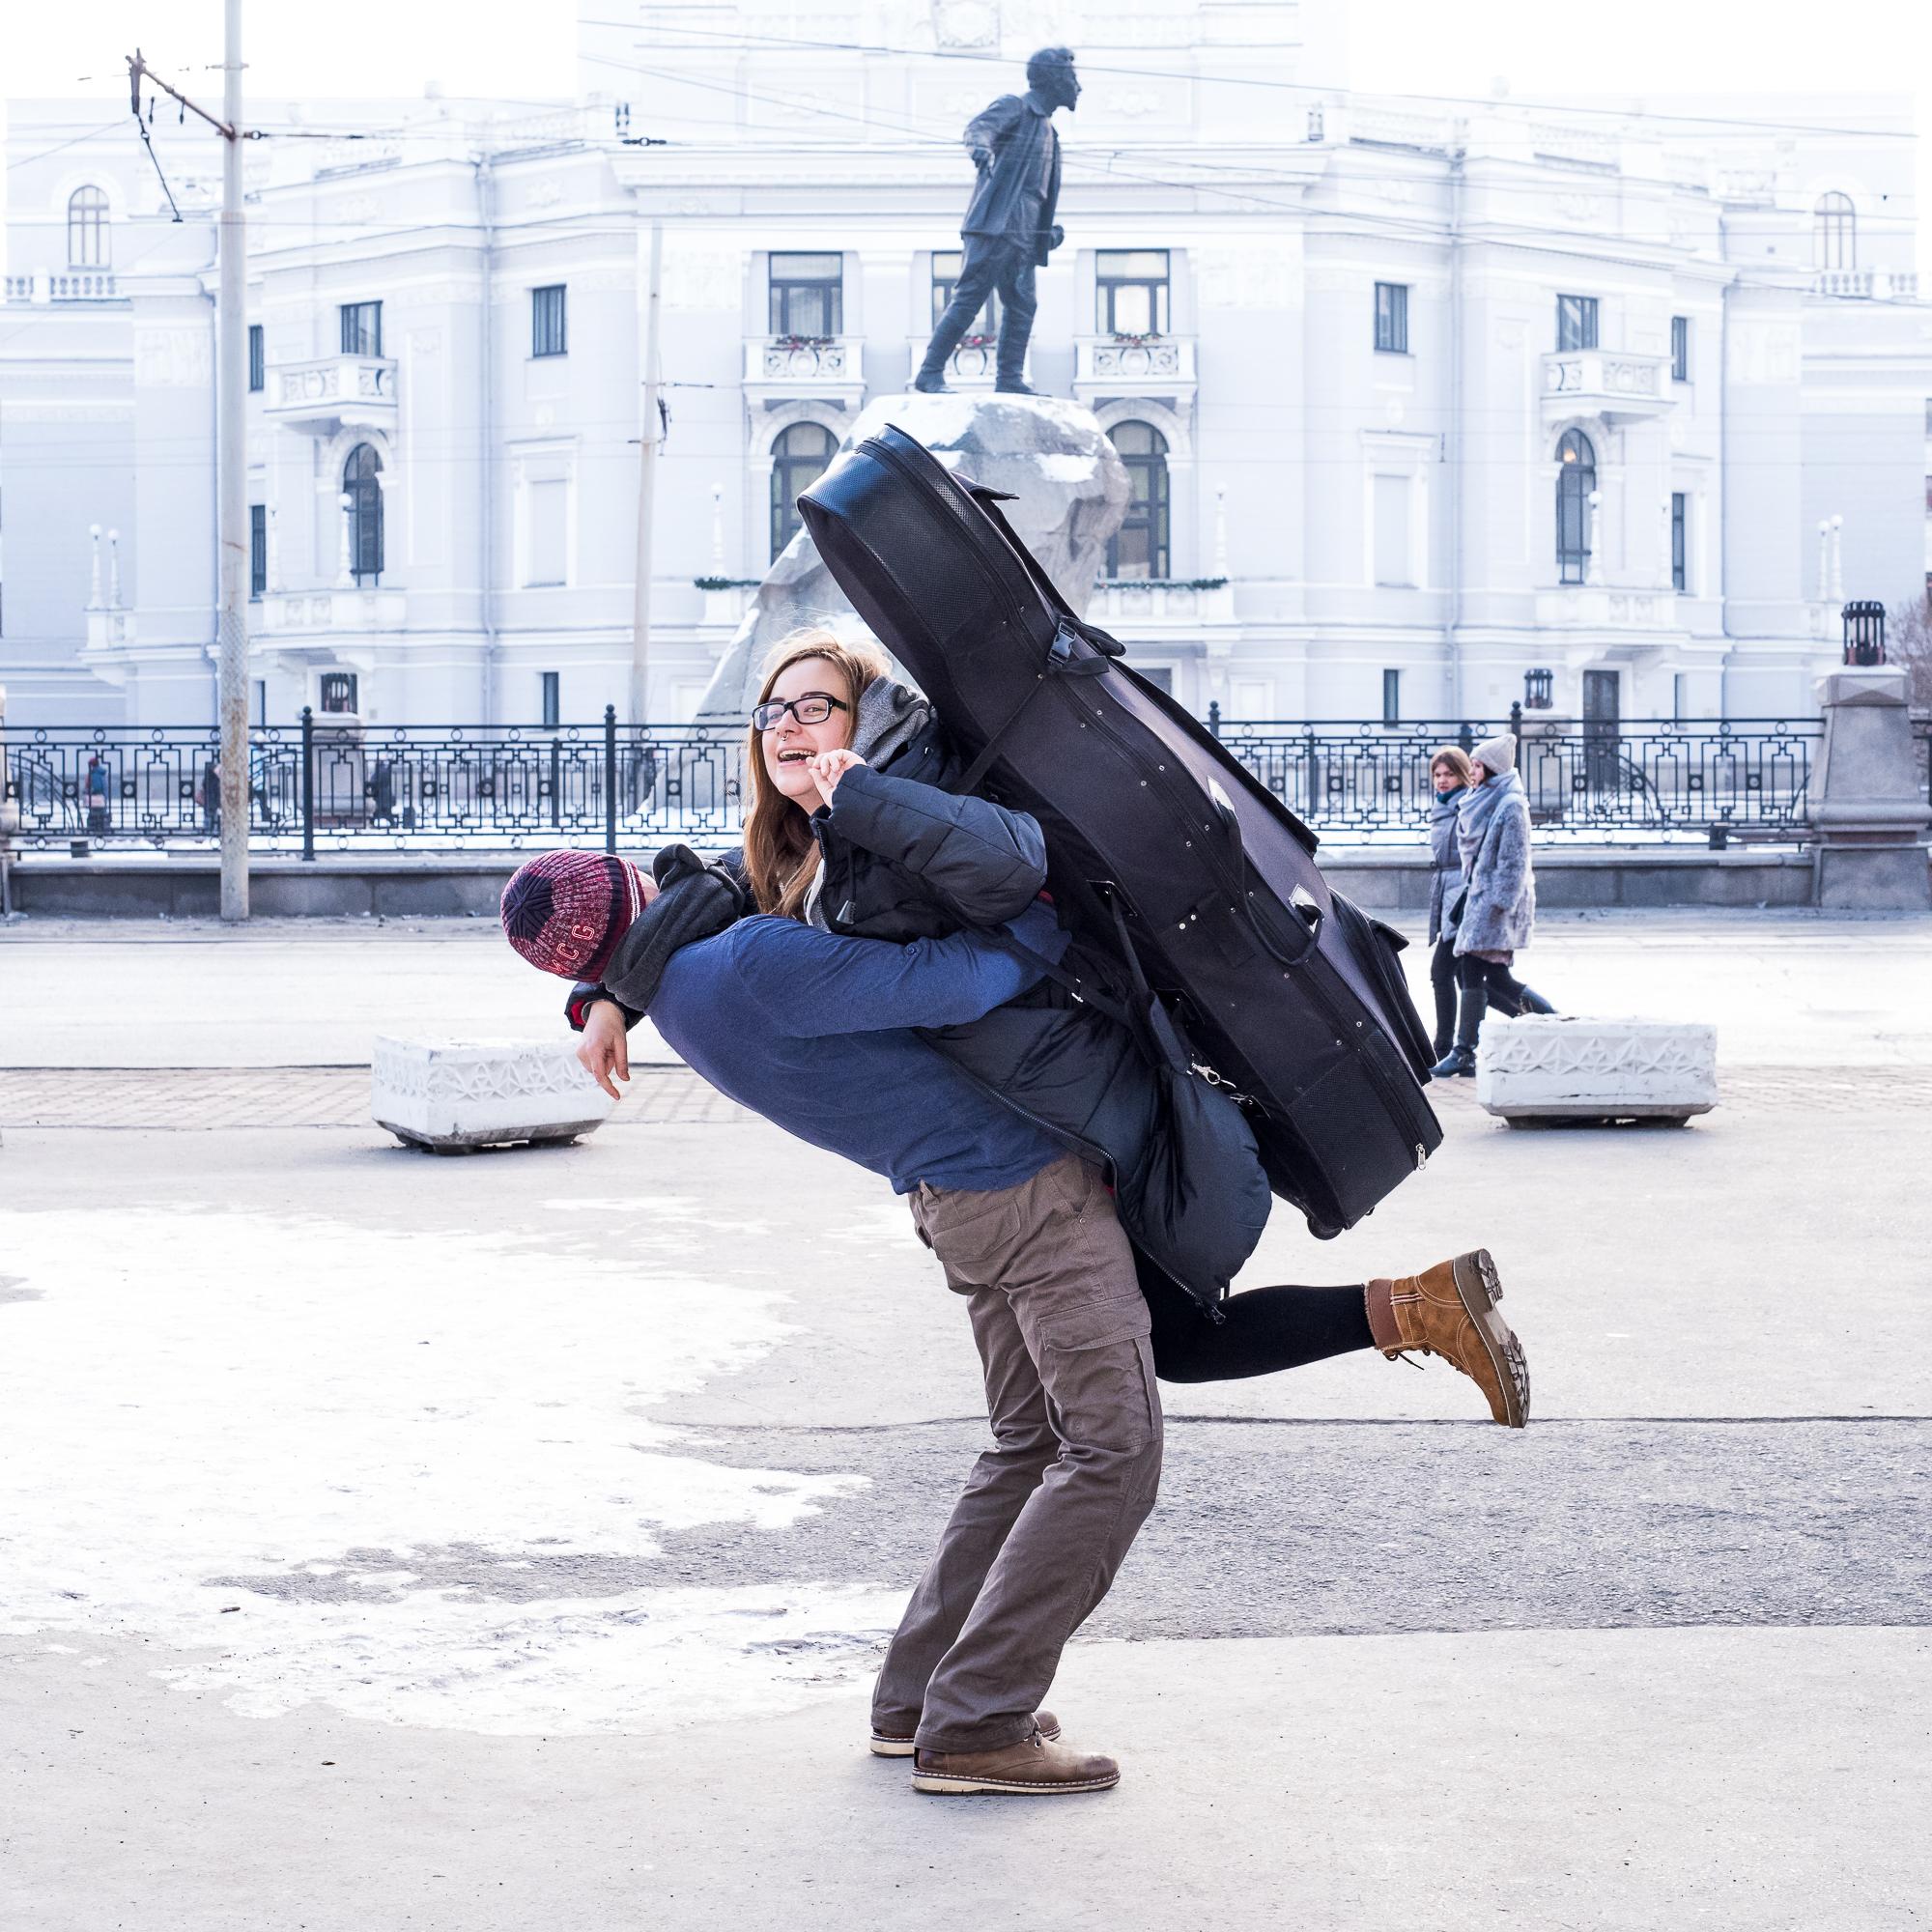 Yekaterinburg_Russia_-7°C